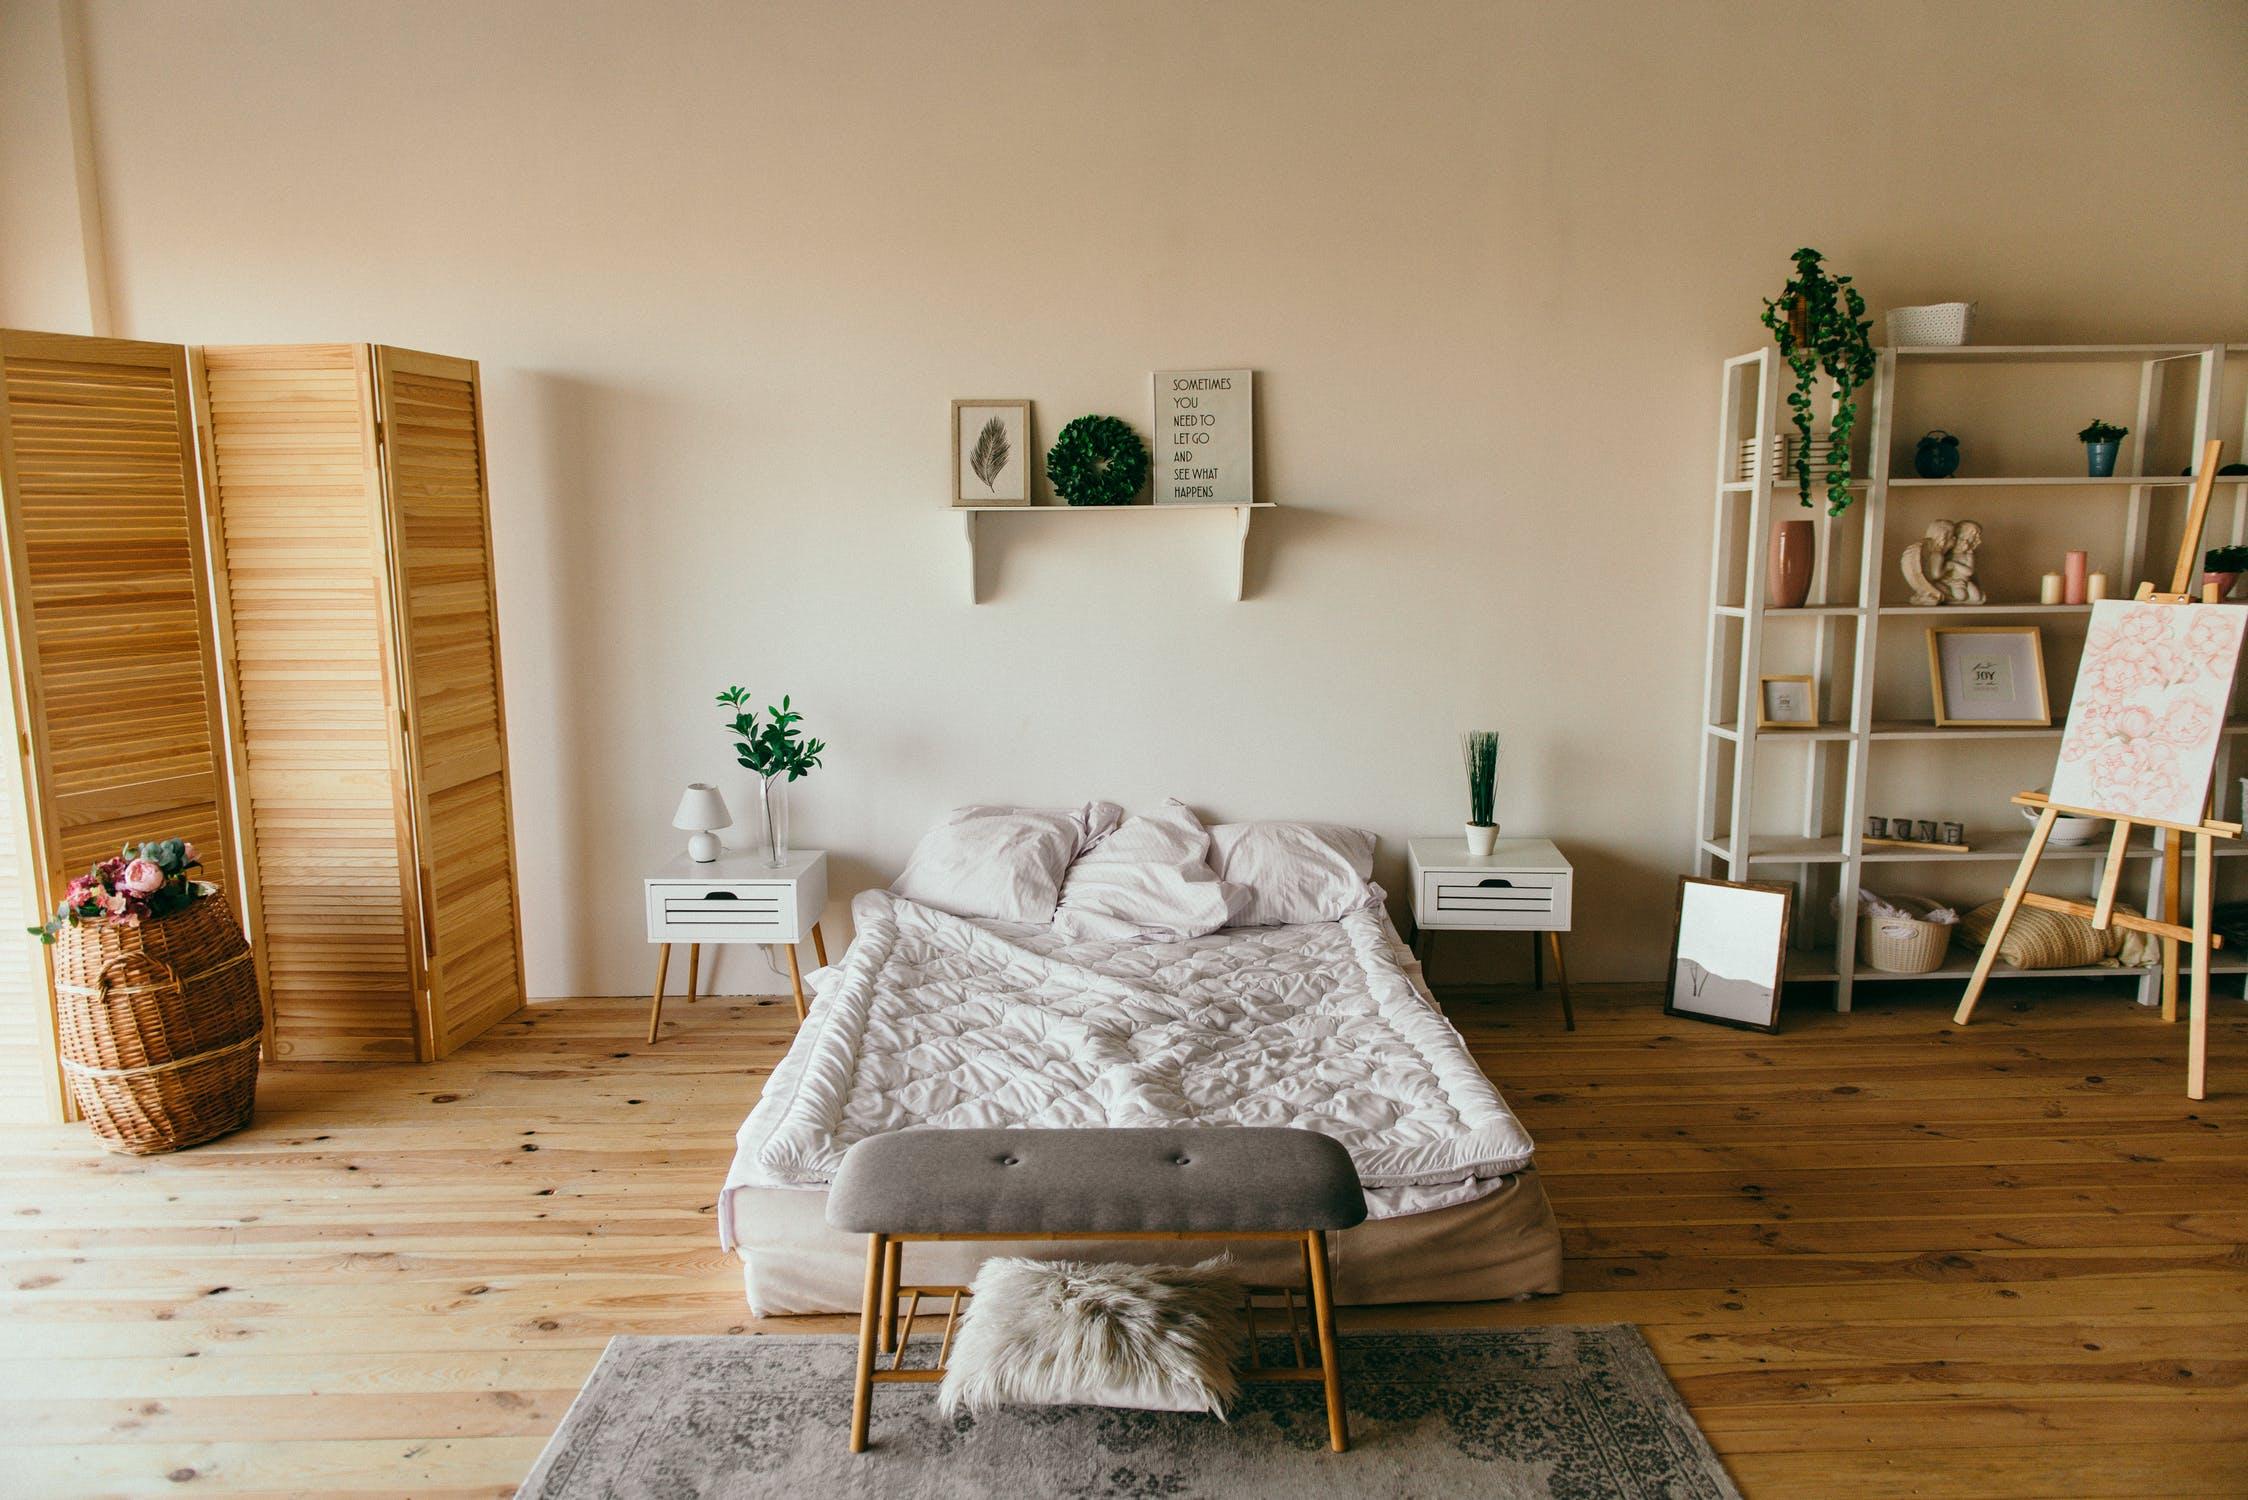 【租屋改造】適合租屋族的5種木地板,讓你租房子也能擁有溫暖的木地板